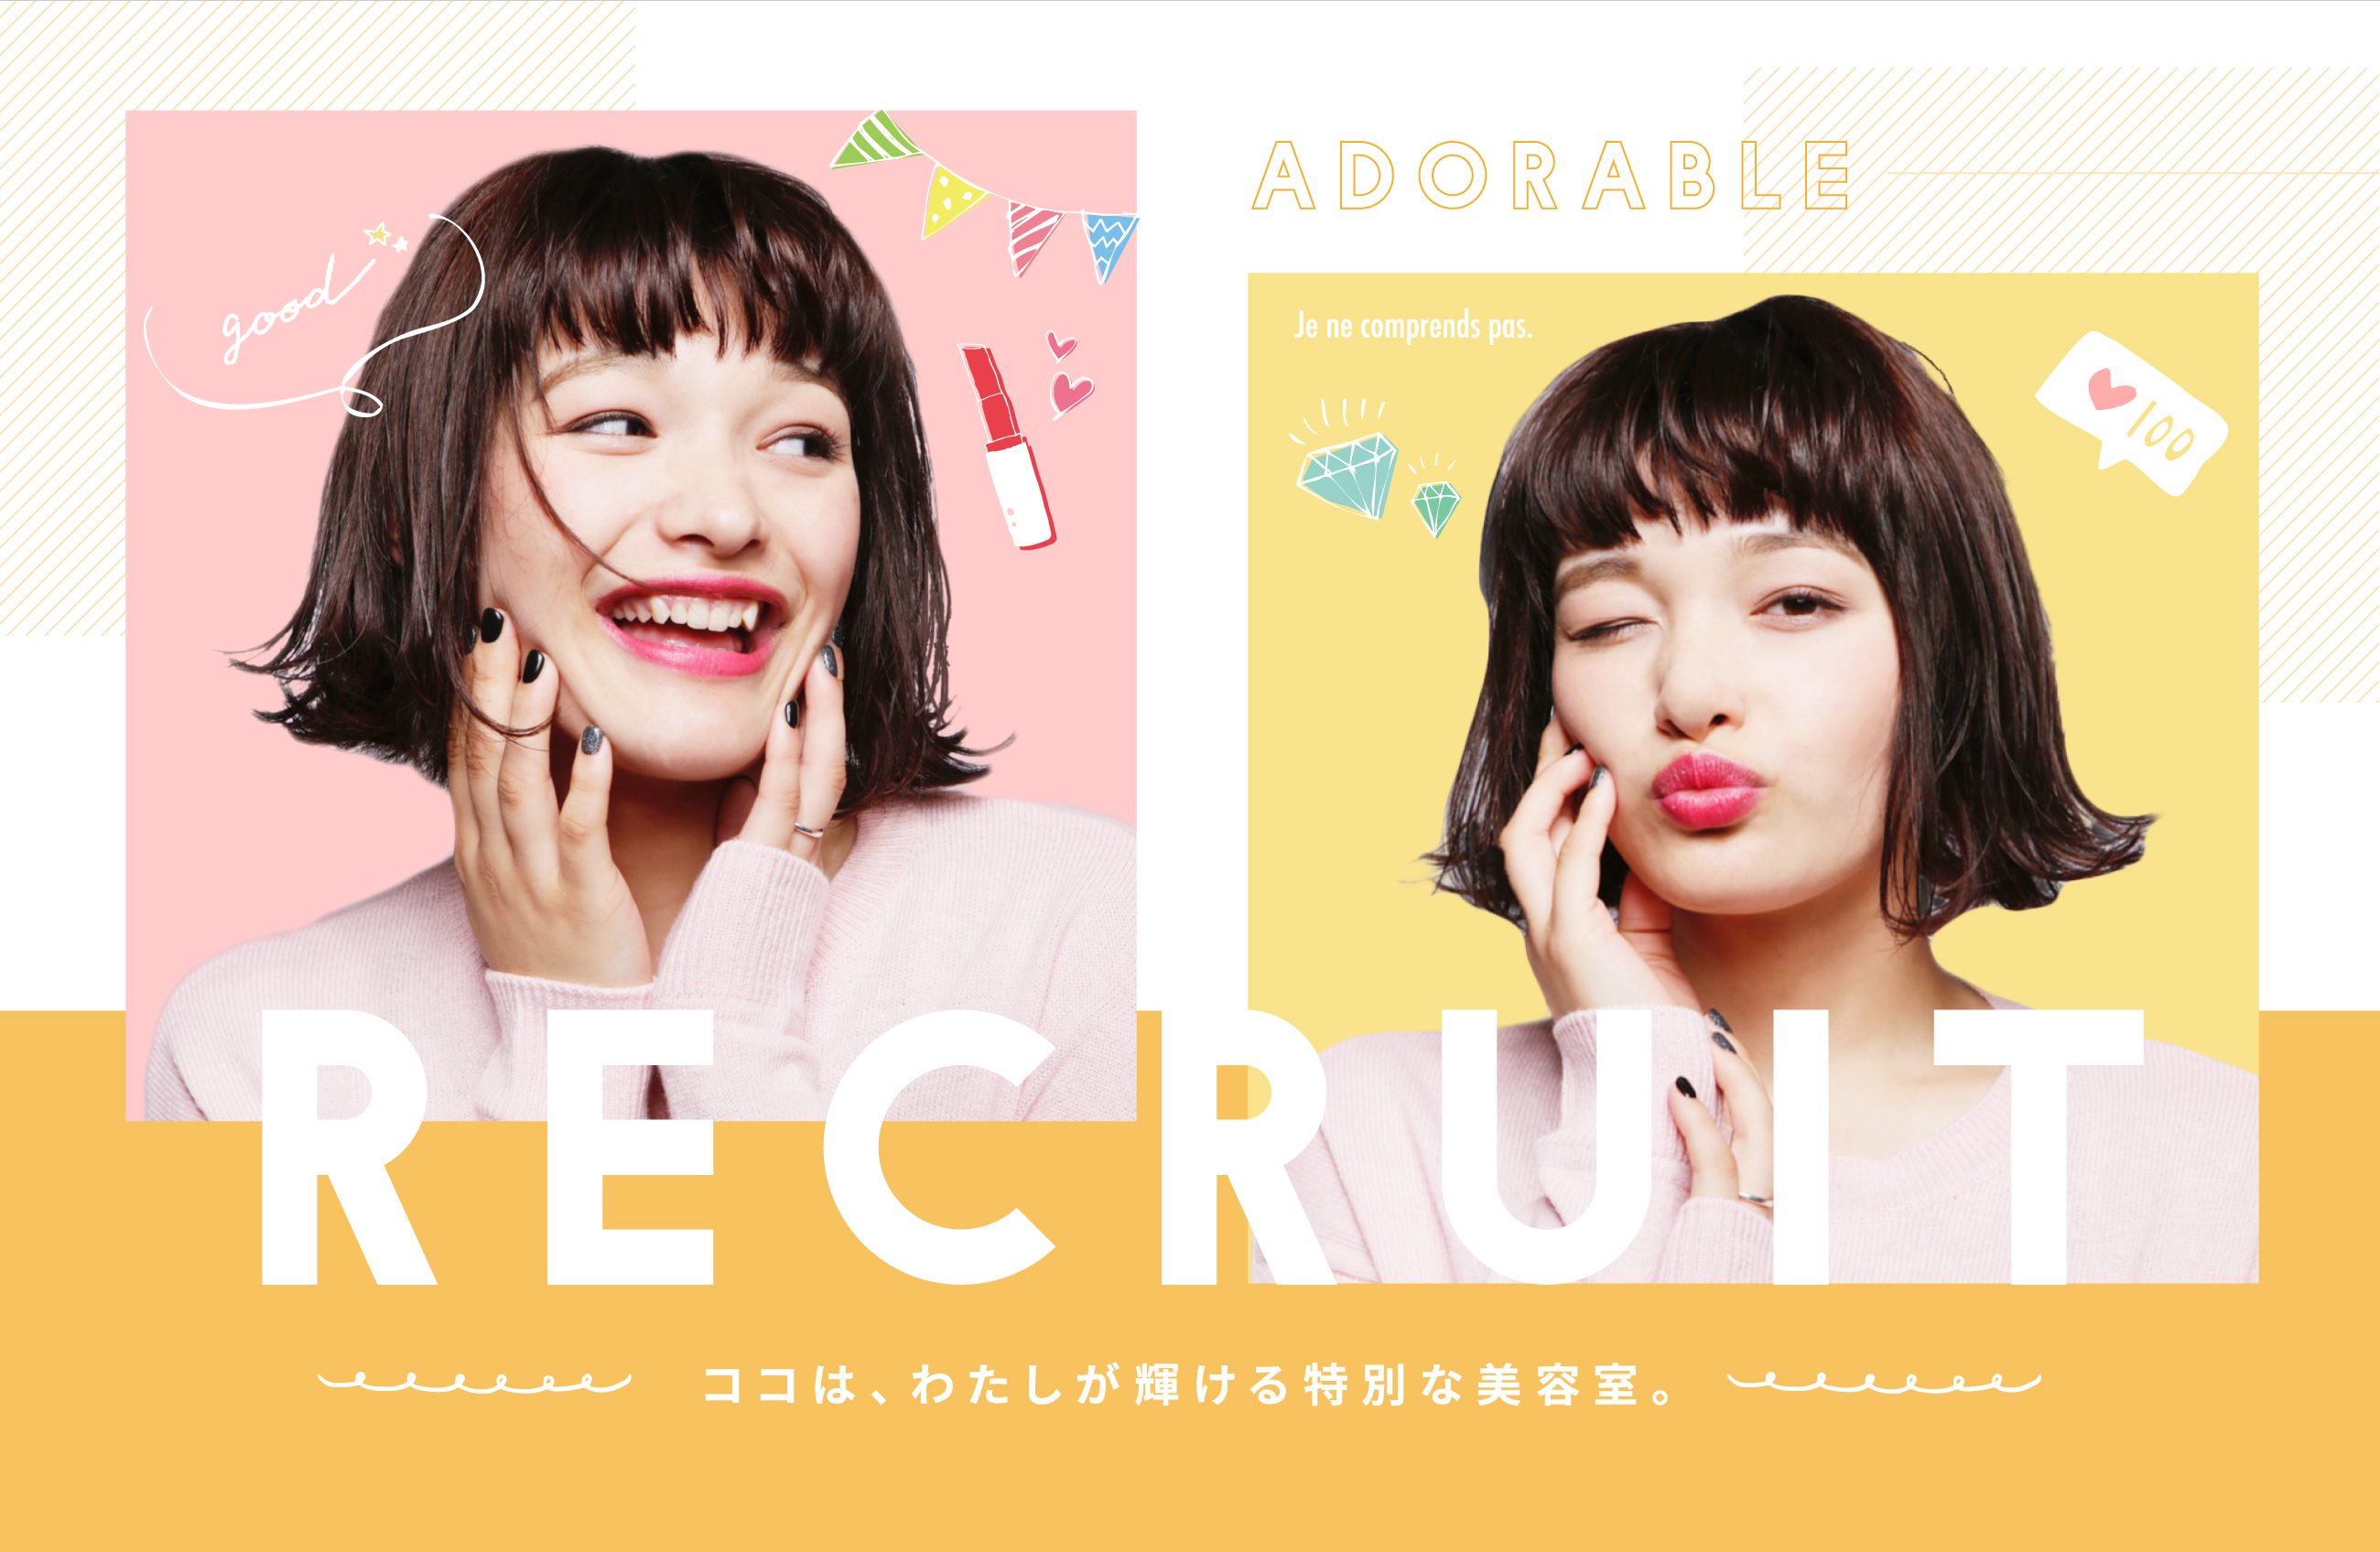 adorable(アドラーブル)